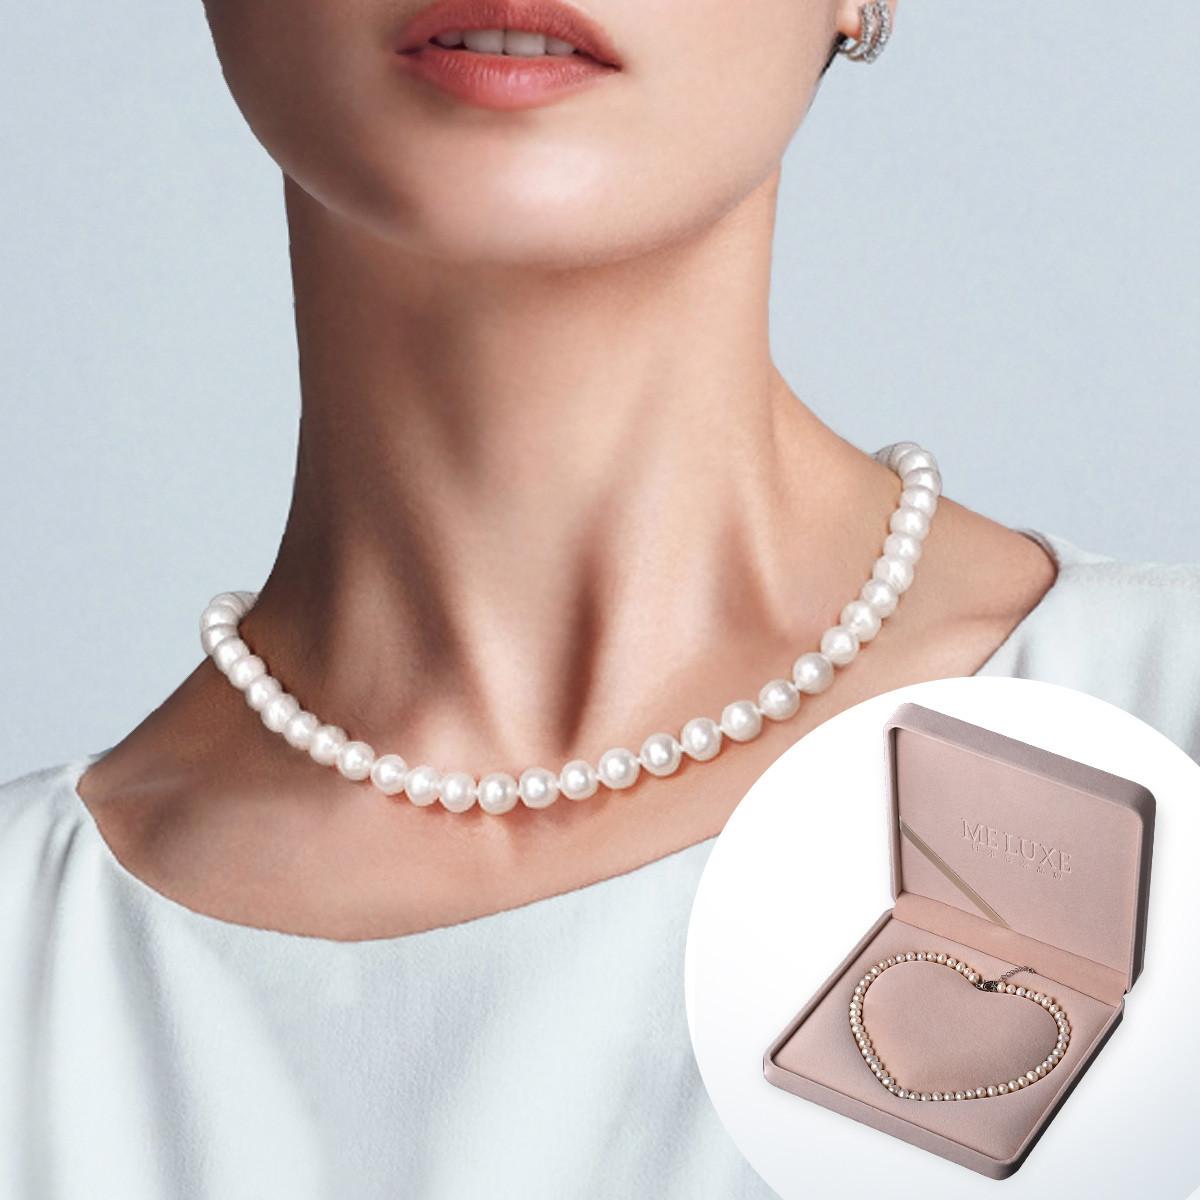 【品质好才是硬实力】7-11mm时尚百搭天然淡水真珍珠项链